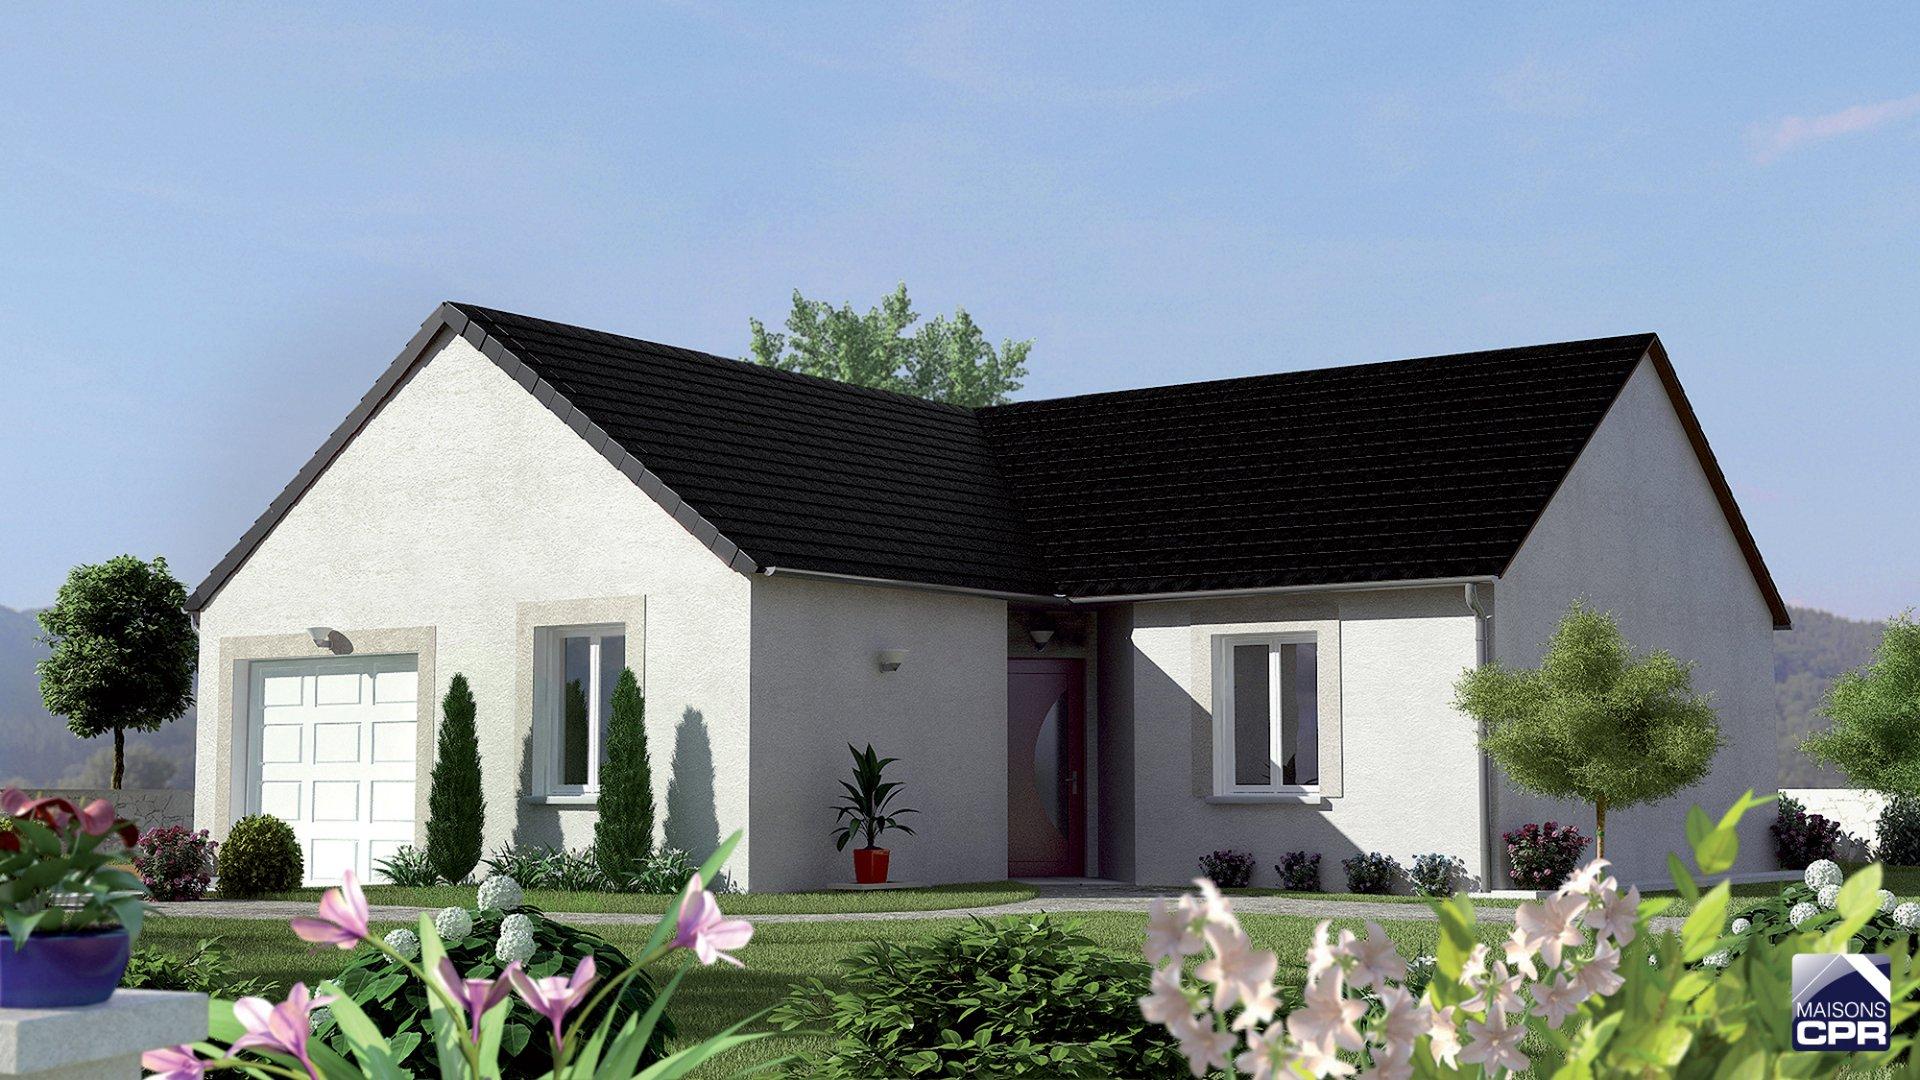 Maisons du constructeur MAISONS CPR • 89 m² • SORIGNY